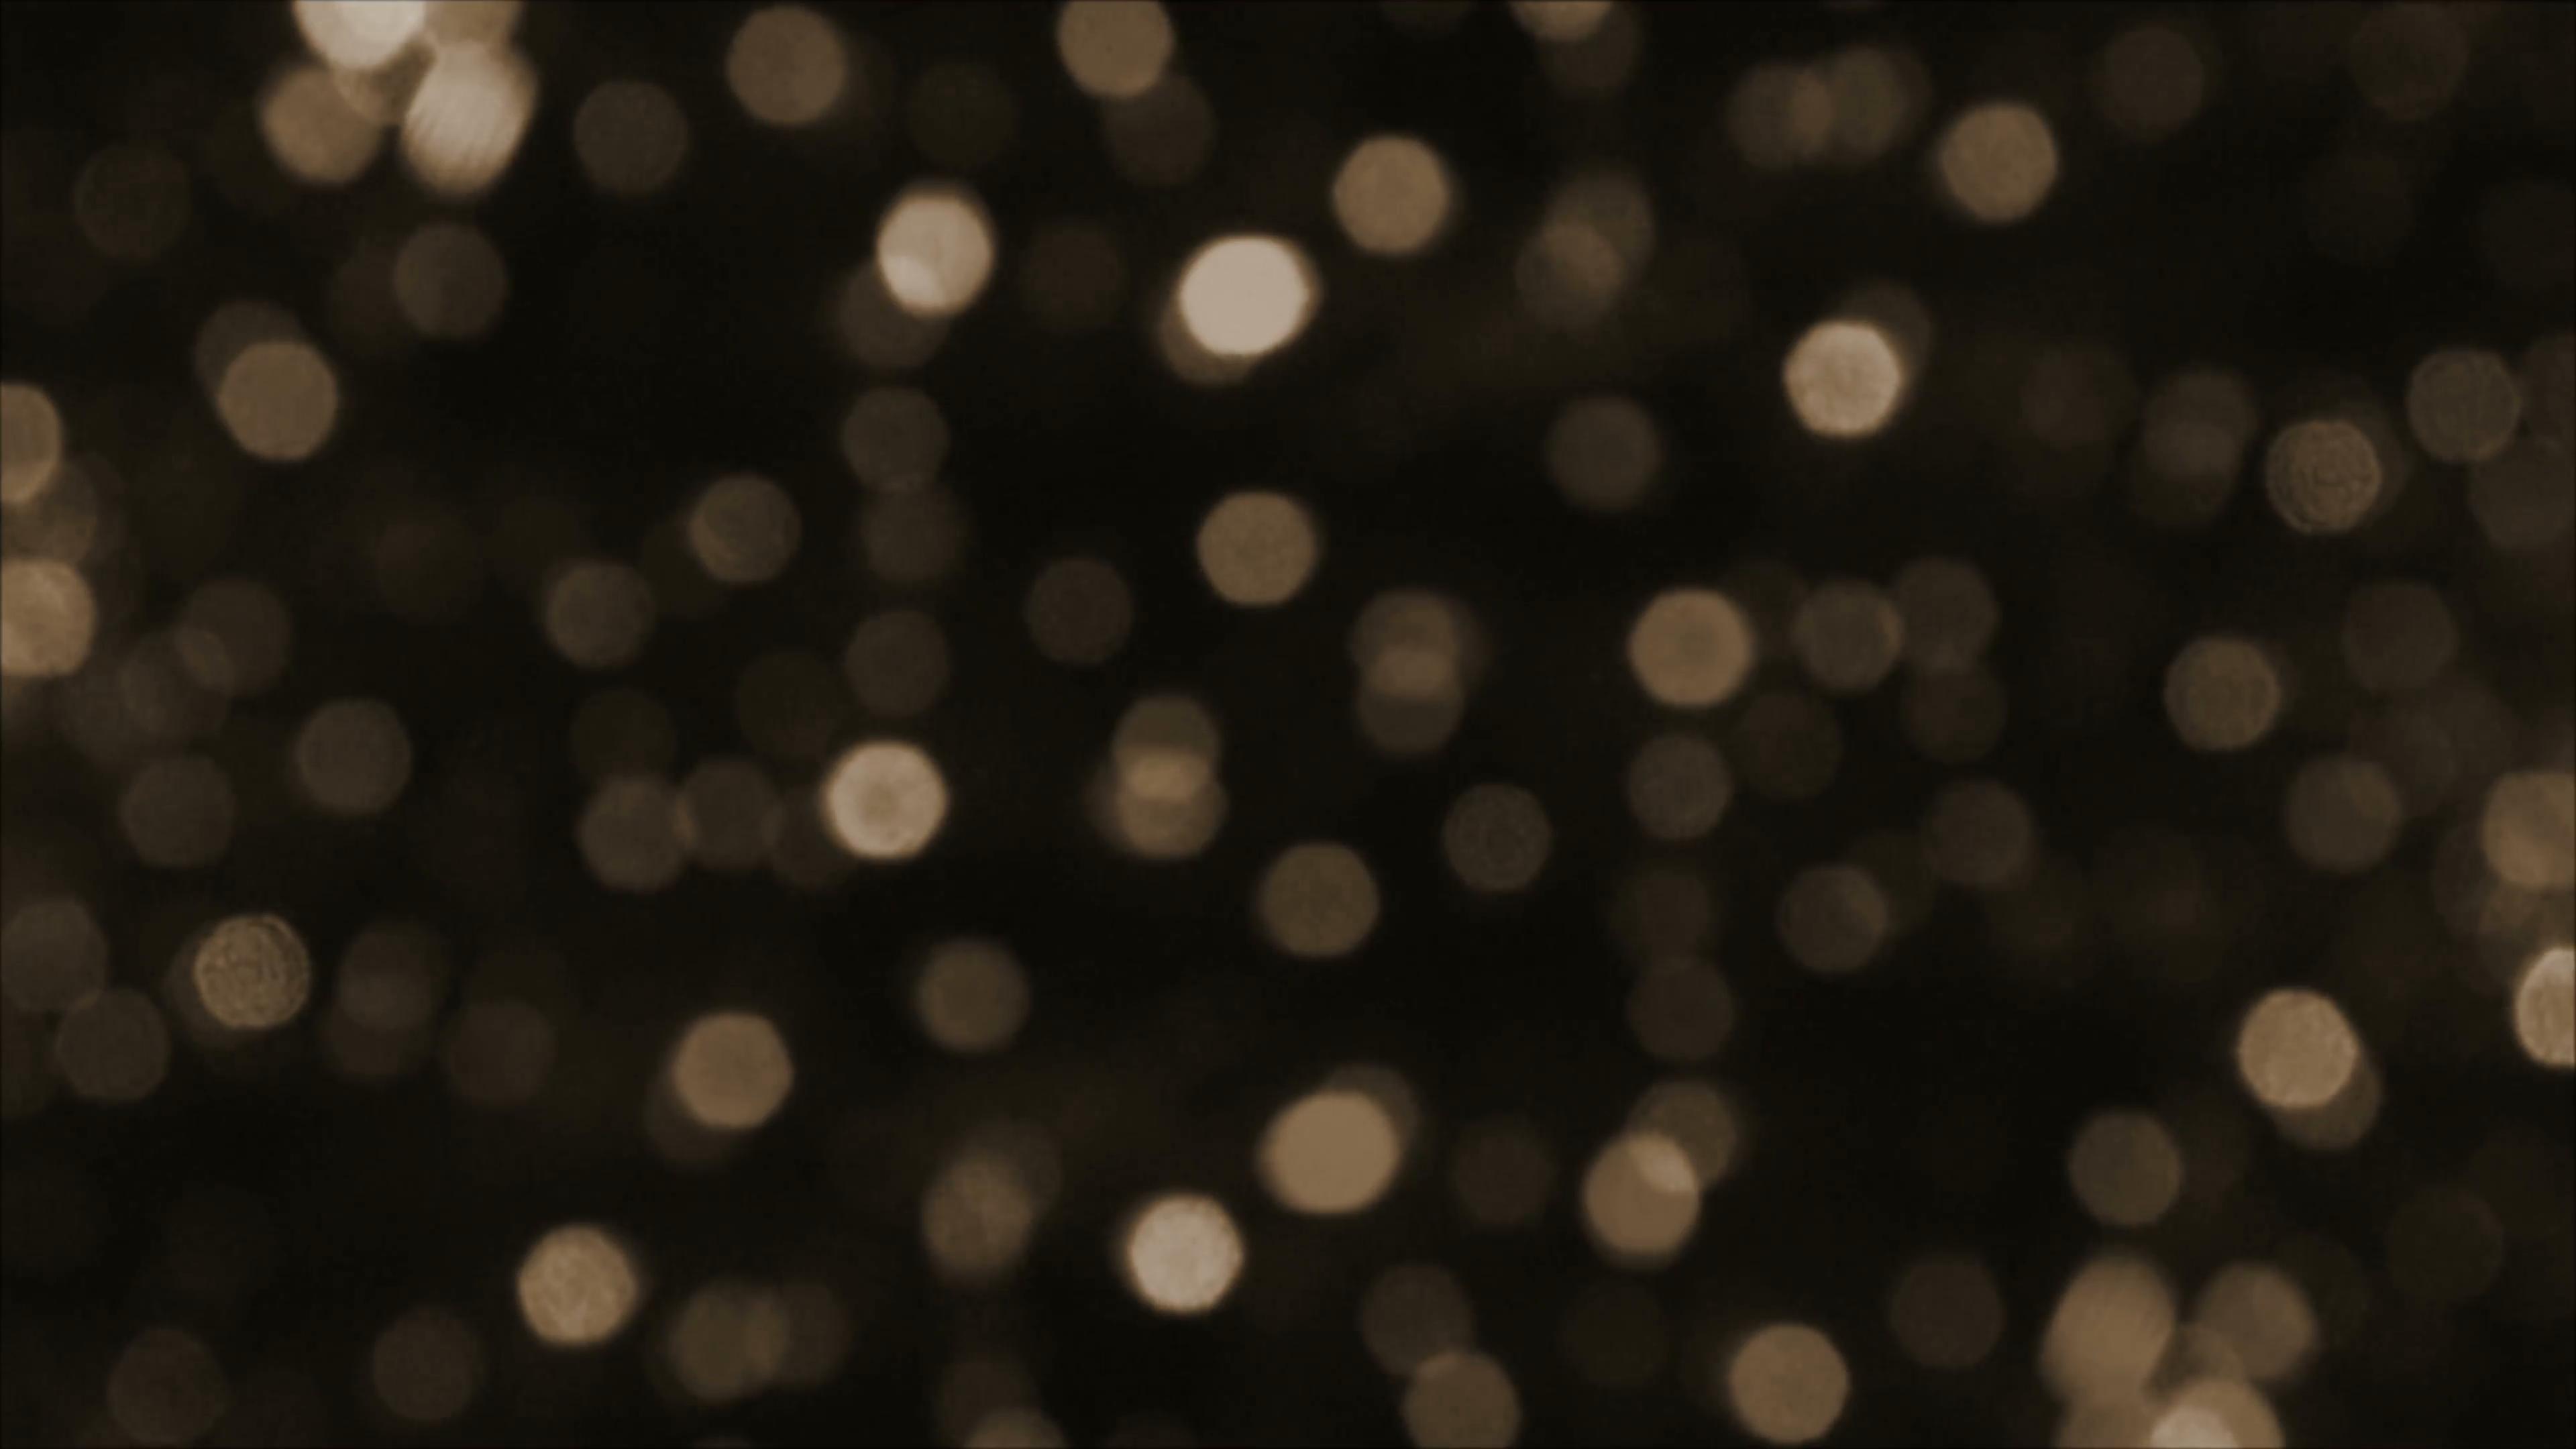 Light effects footage in 4k Stock Video Footage - Videoblocks